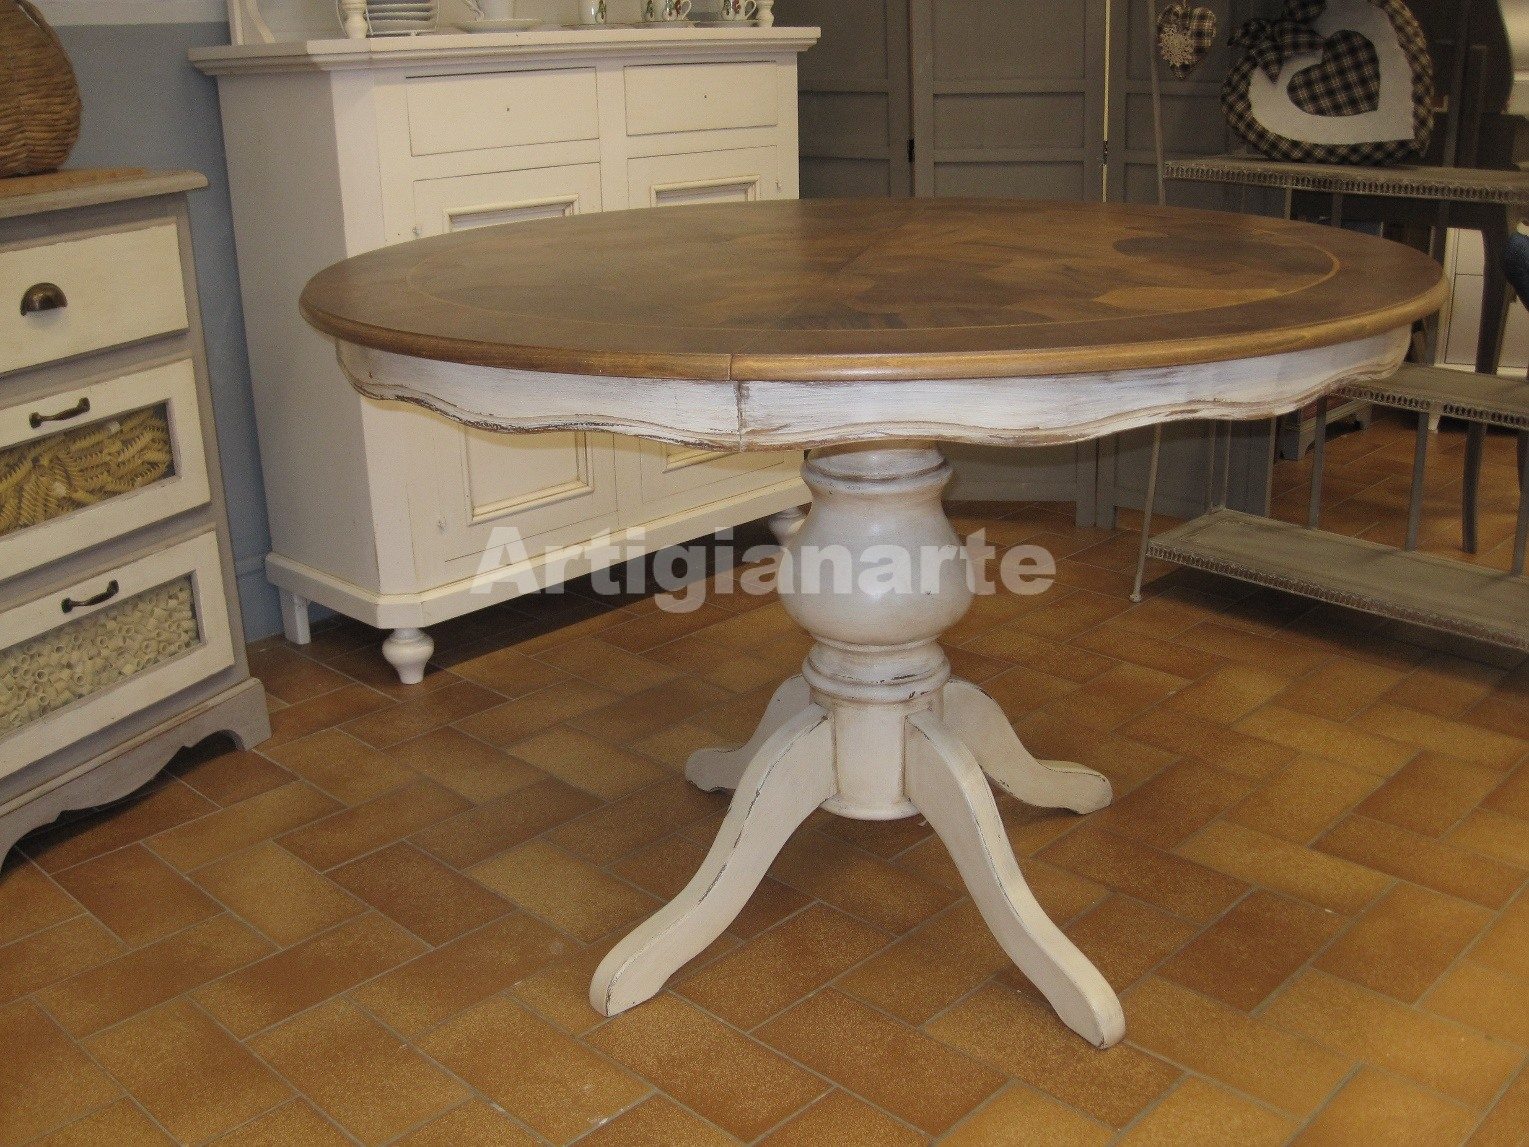 Come acquistare un tavolo in legno grezzo per la tua cucina